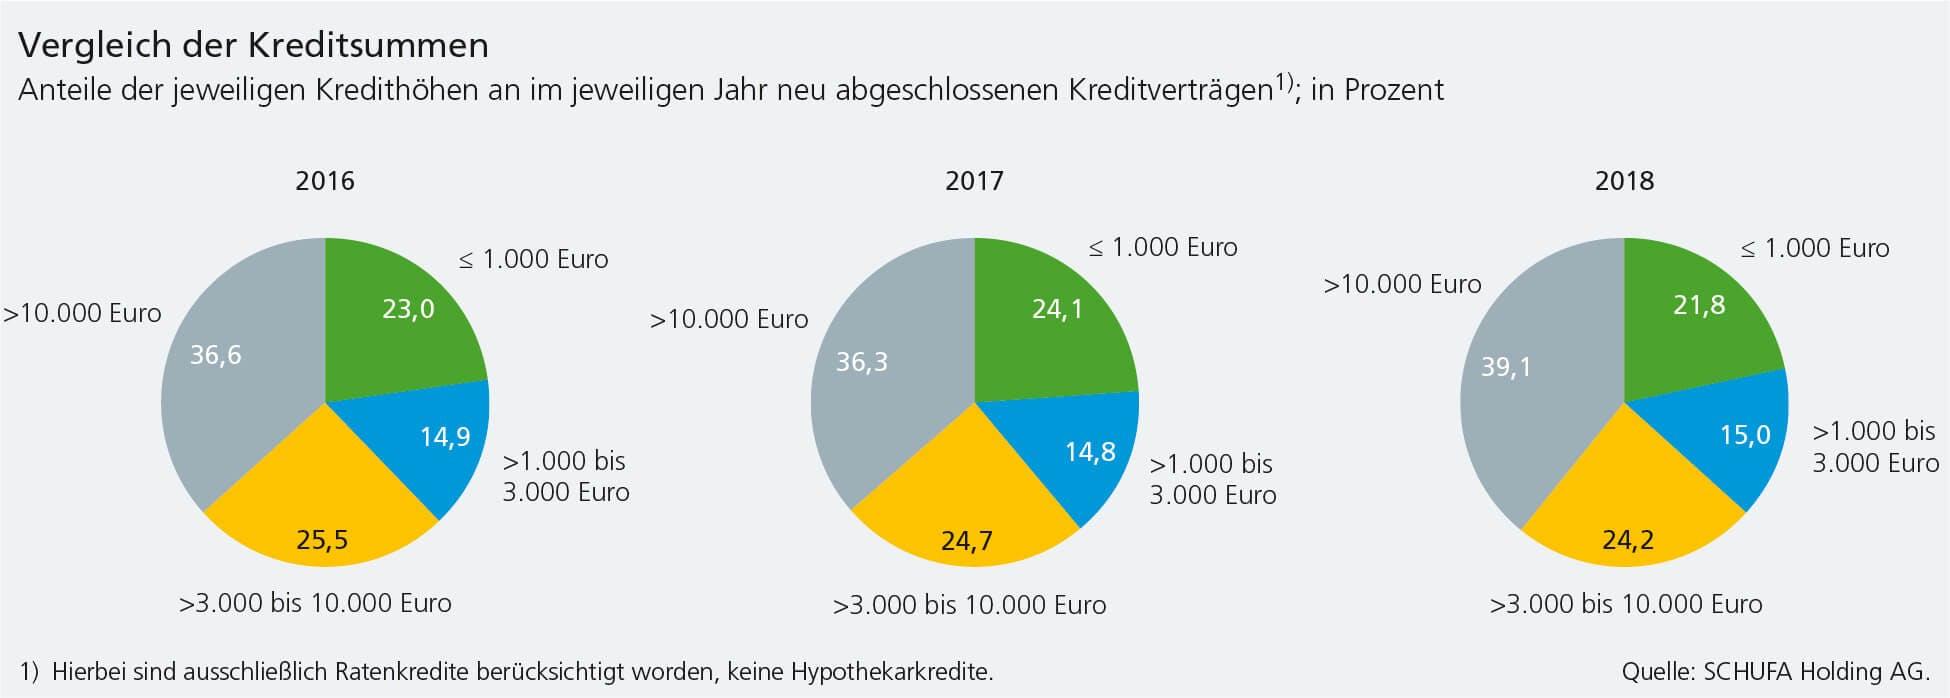 Kreditsummen 2018